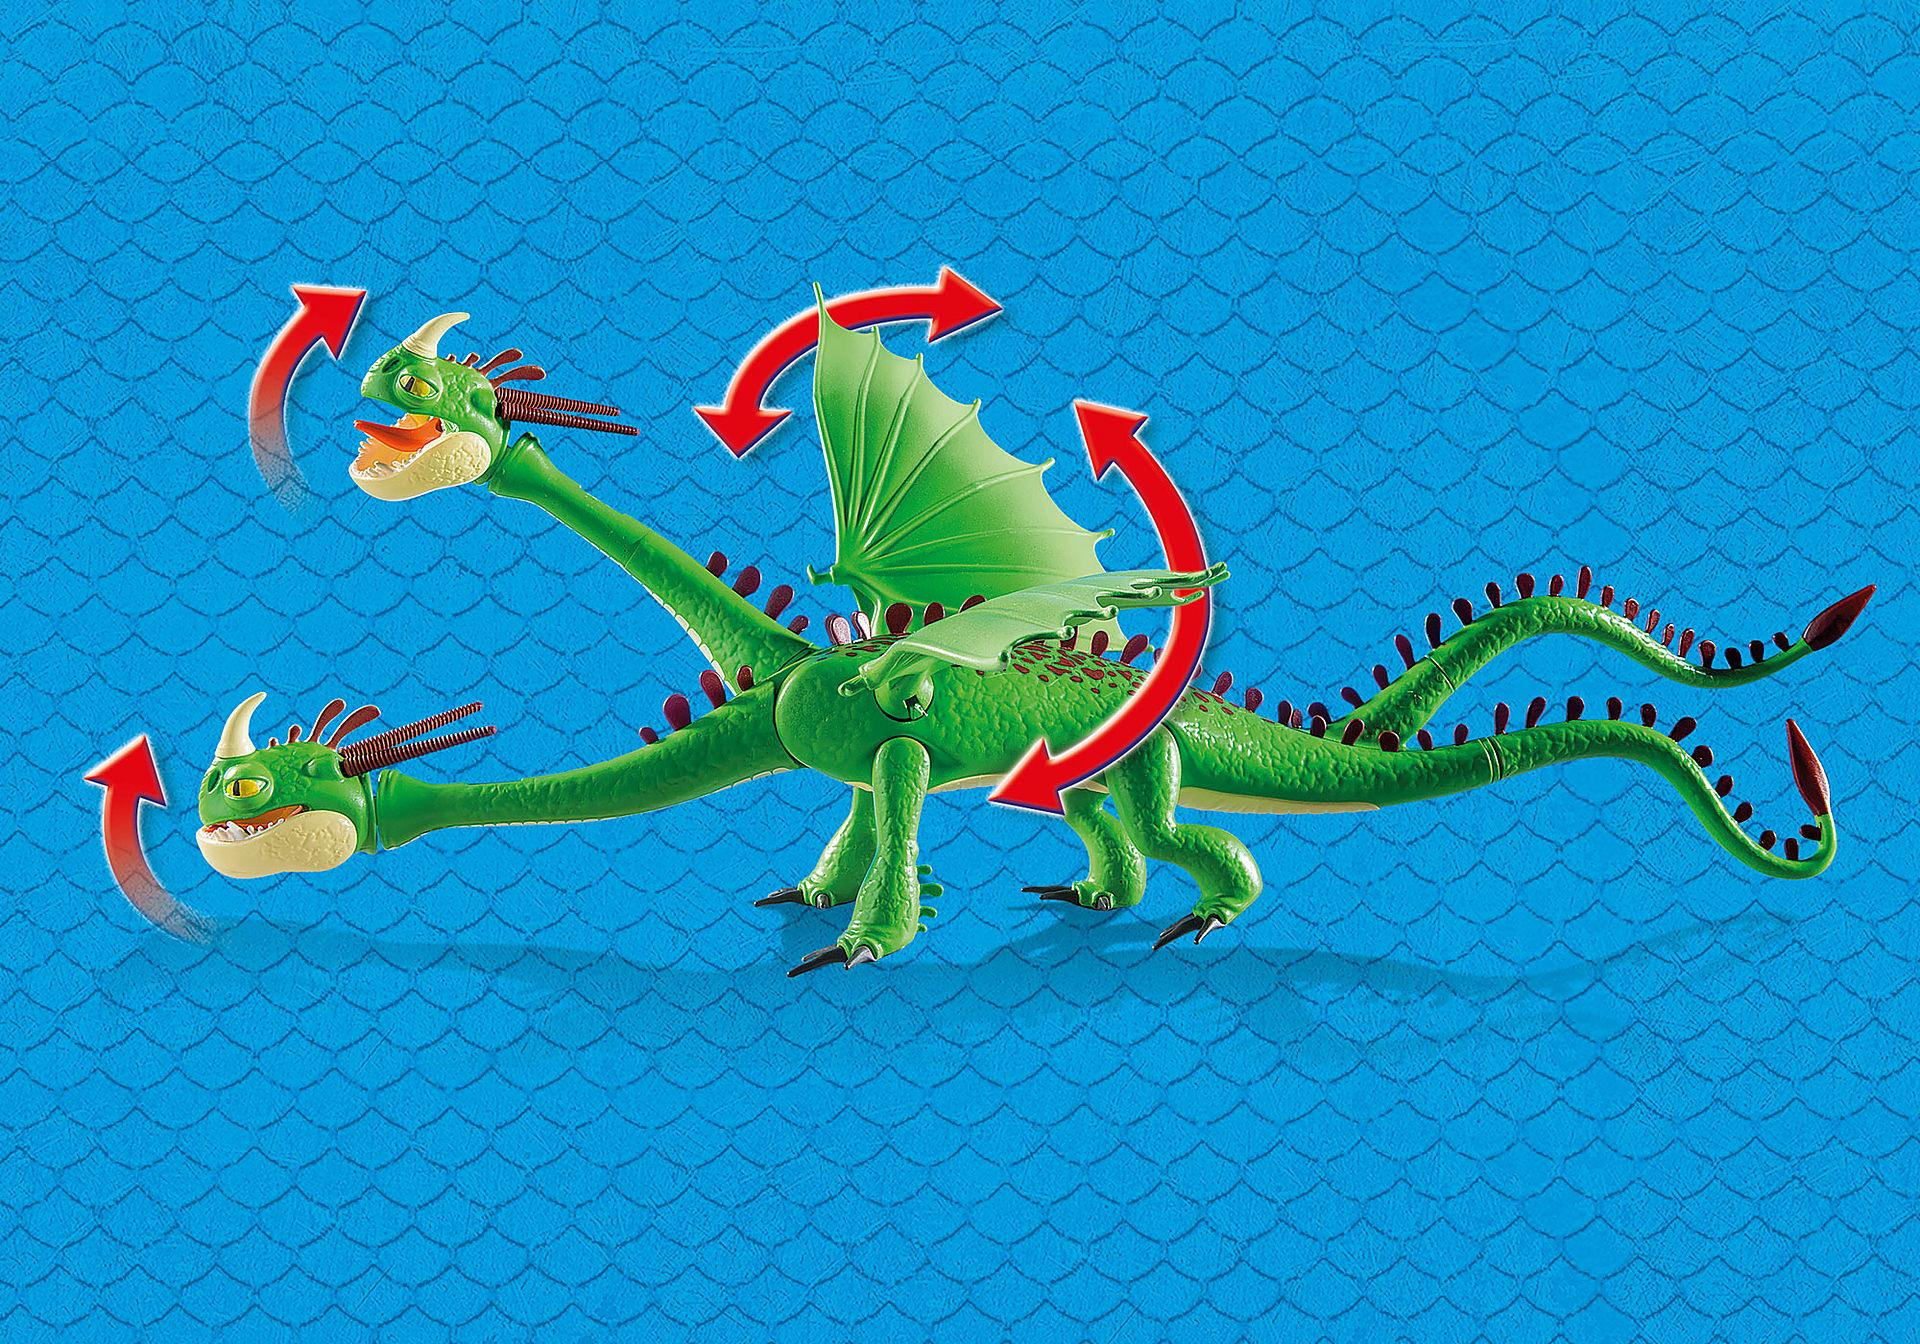 9458 Cabeçaquente e Cabeçadura com Dragão 2 Cabeças zoom image5